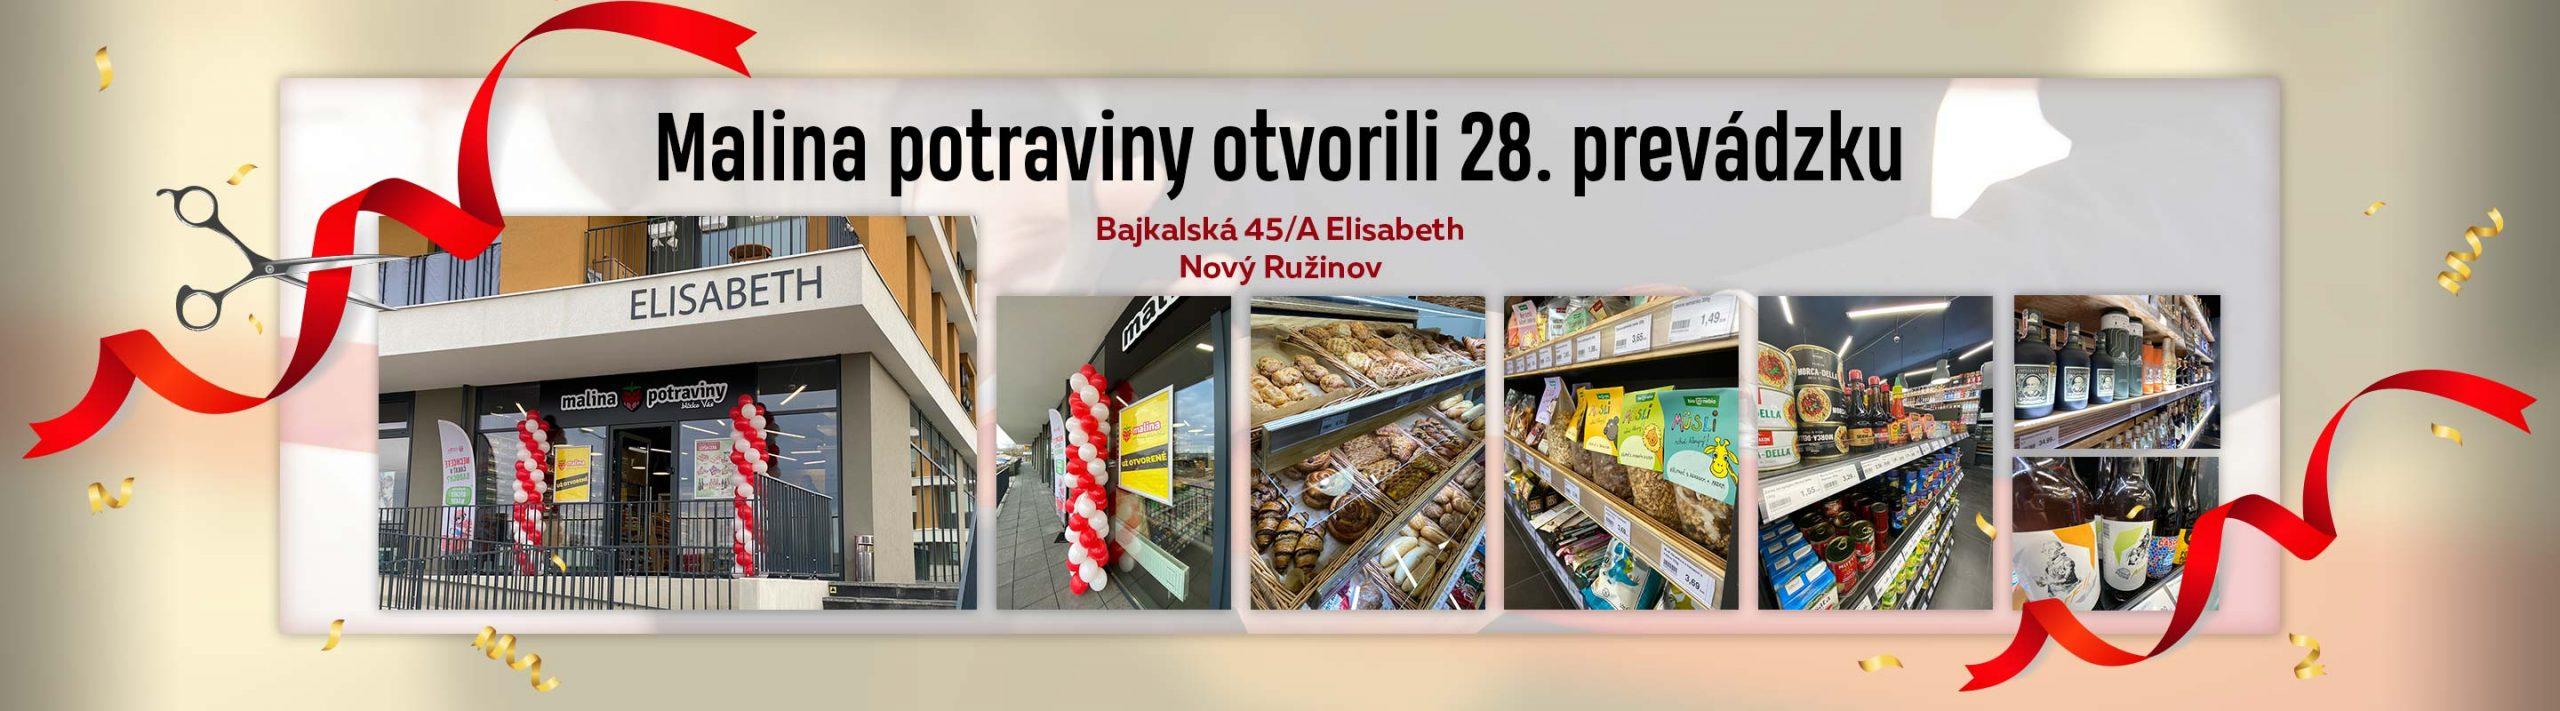 novy-ruzinov-banner-22